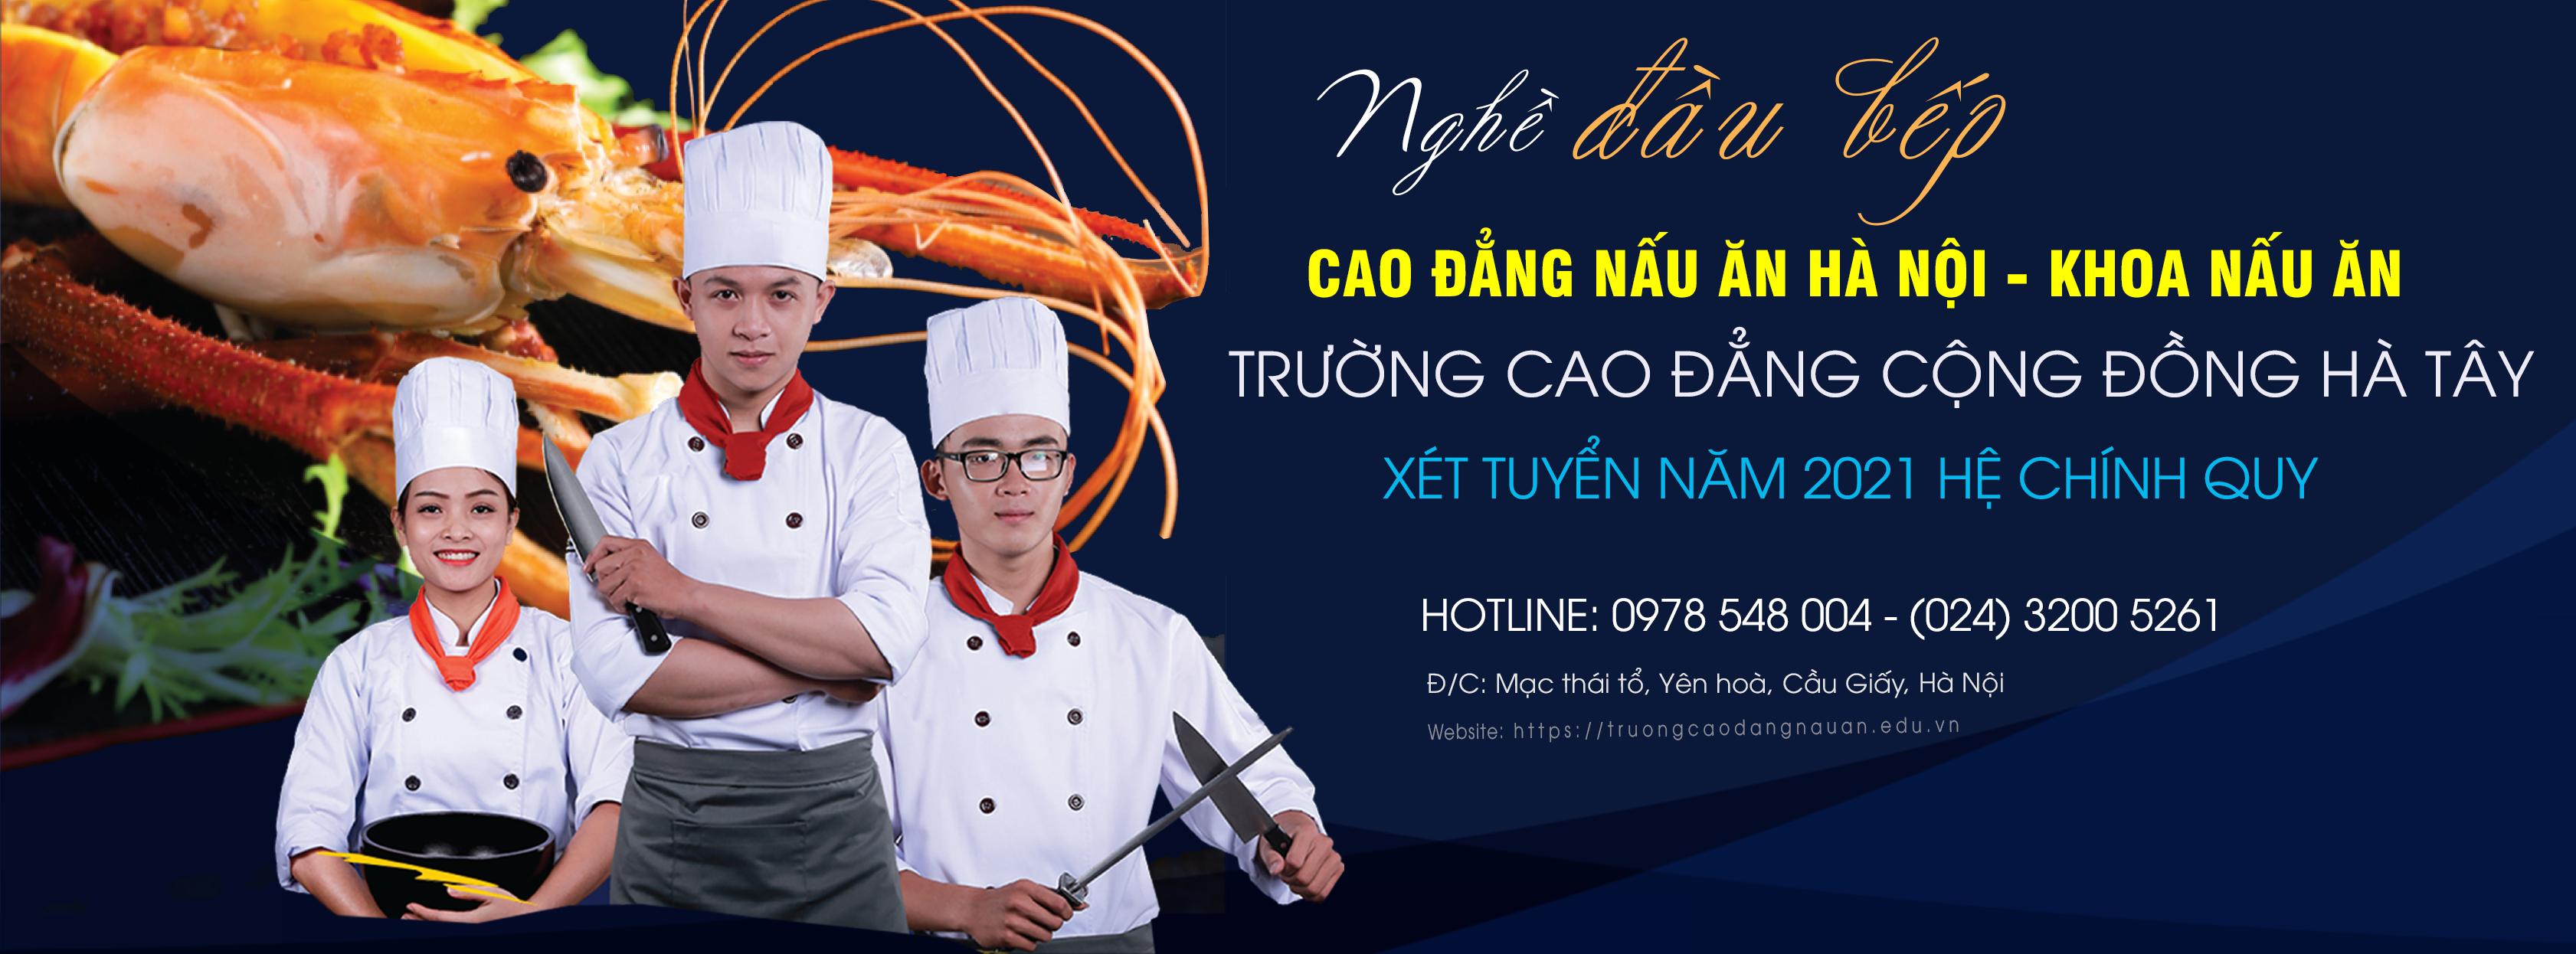 Cao đẳng nấu ăn hà nội đào tạo nấu ăn chuyên nghiệp